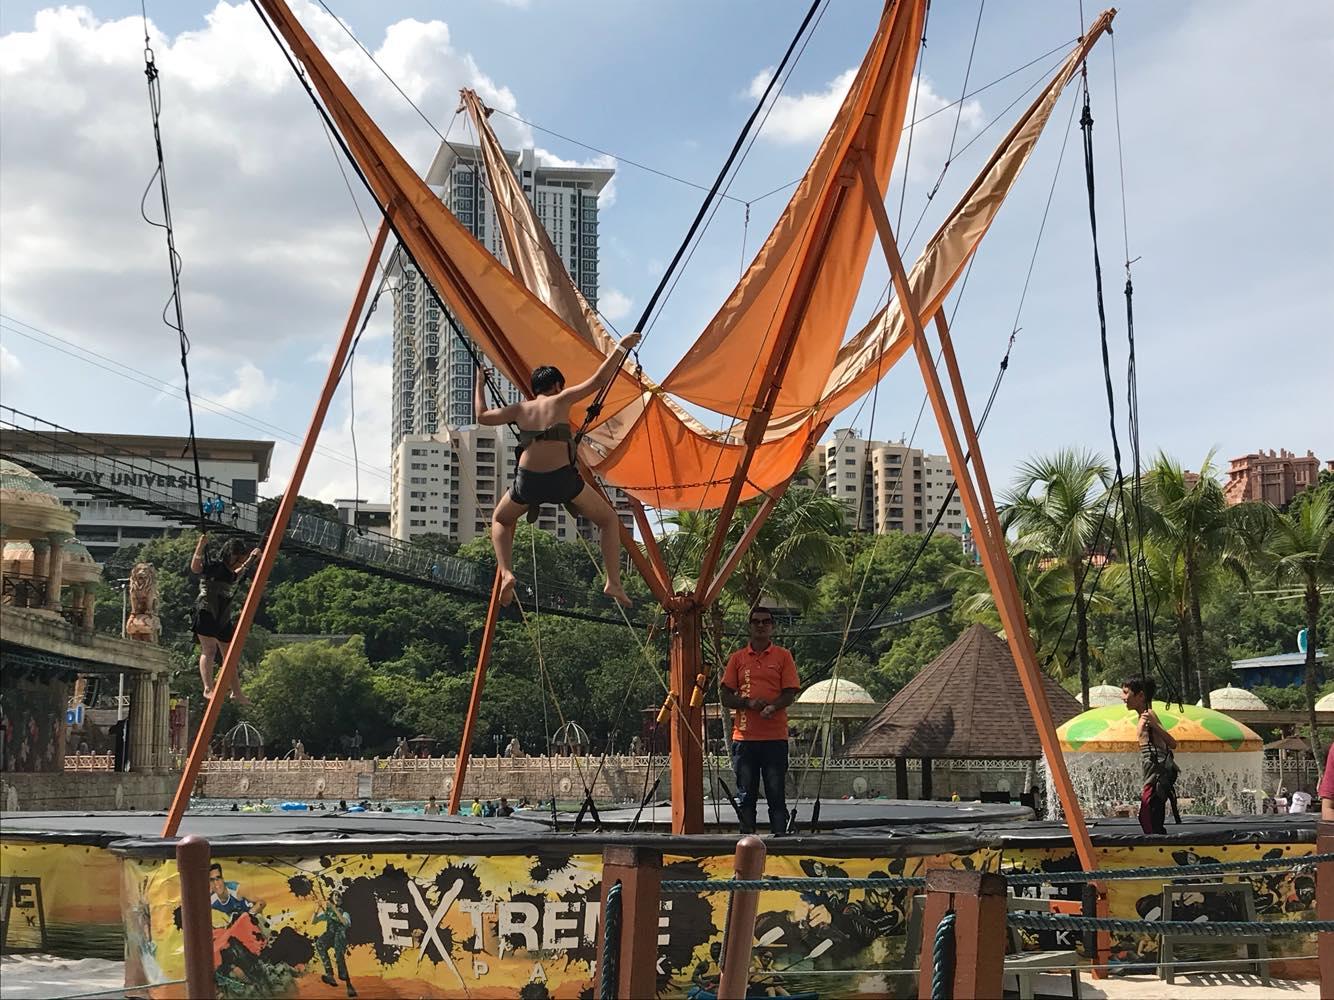 Cuti Sekolah Dapat Berseronok Sakan Dengan Penuh Keriangan Bersama Malaysia Et Ticket Sunway Lagoon Dewasa Kuala Lumpur Bagi Mereka Yang Sukakan Aktiviti Lasak Bolehlah Mencuba Pelbagai Ekstrem Di Extreme Park Ada Permainan Kayak Paintball